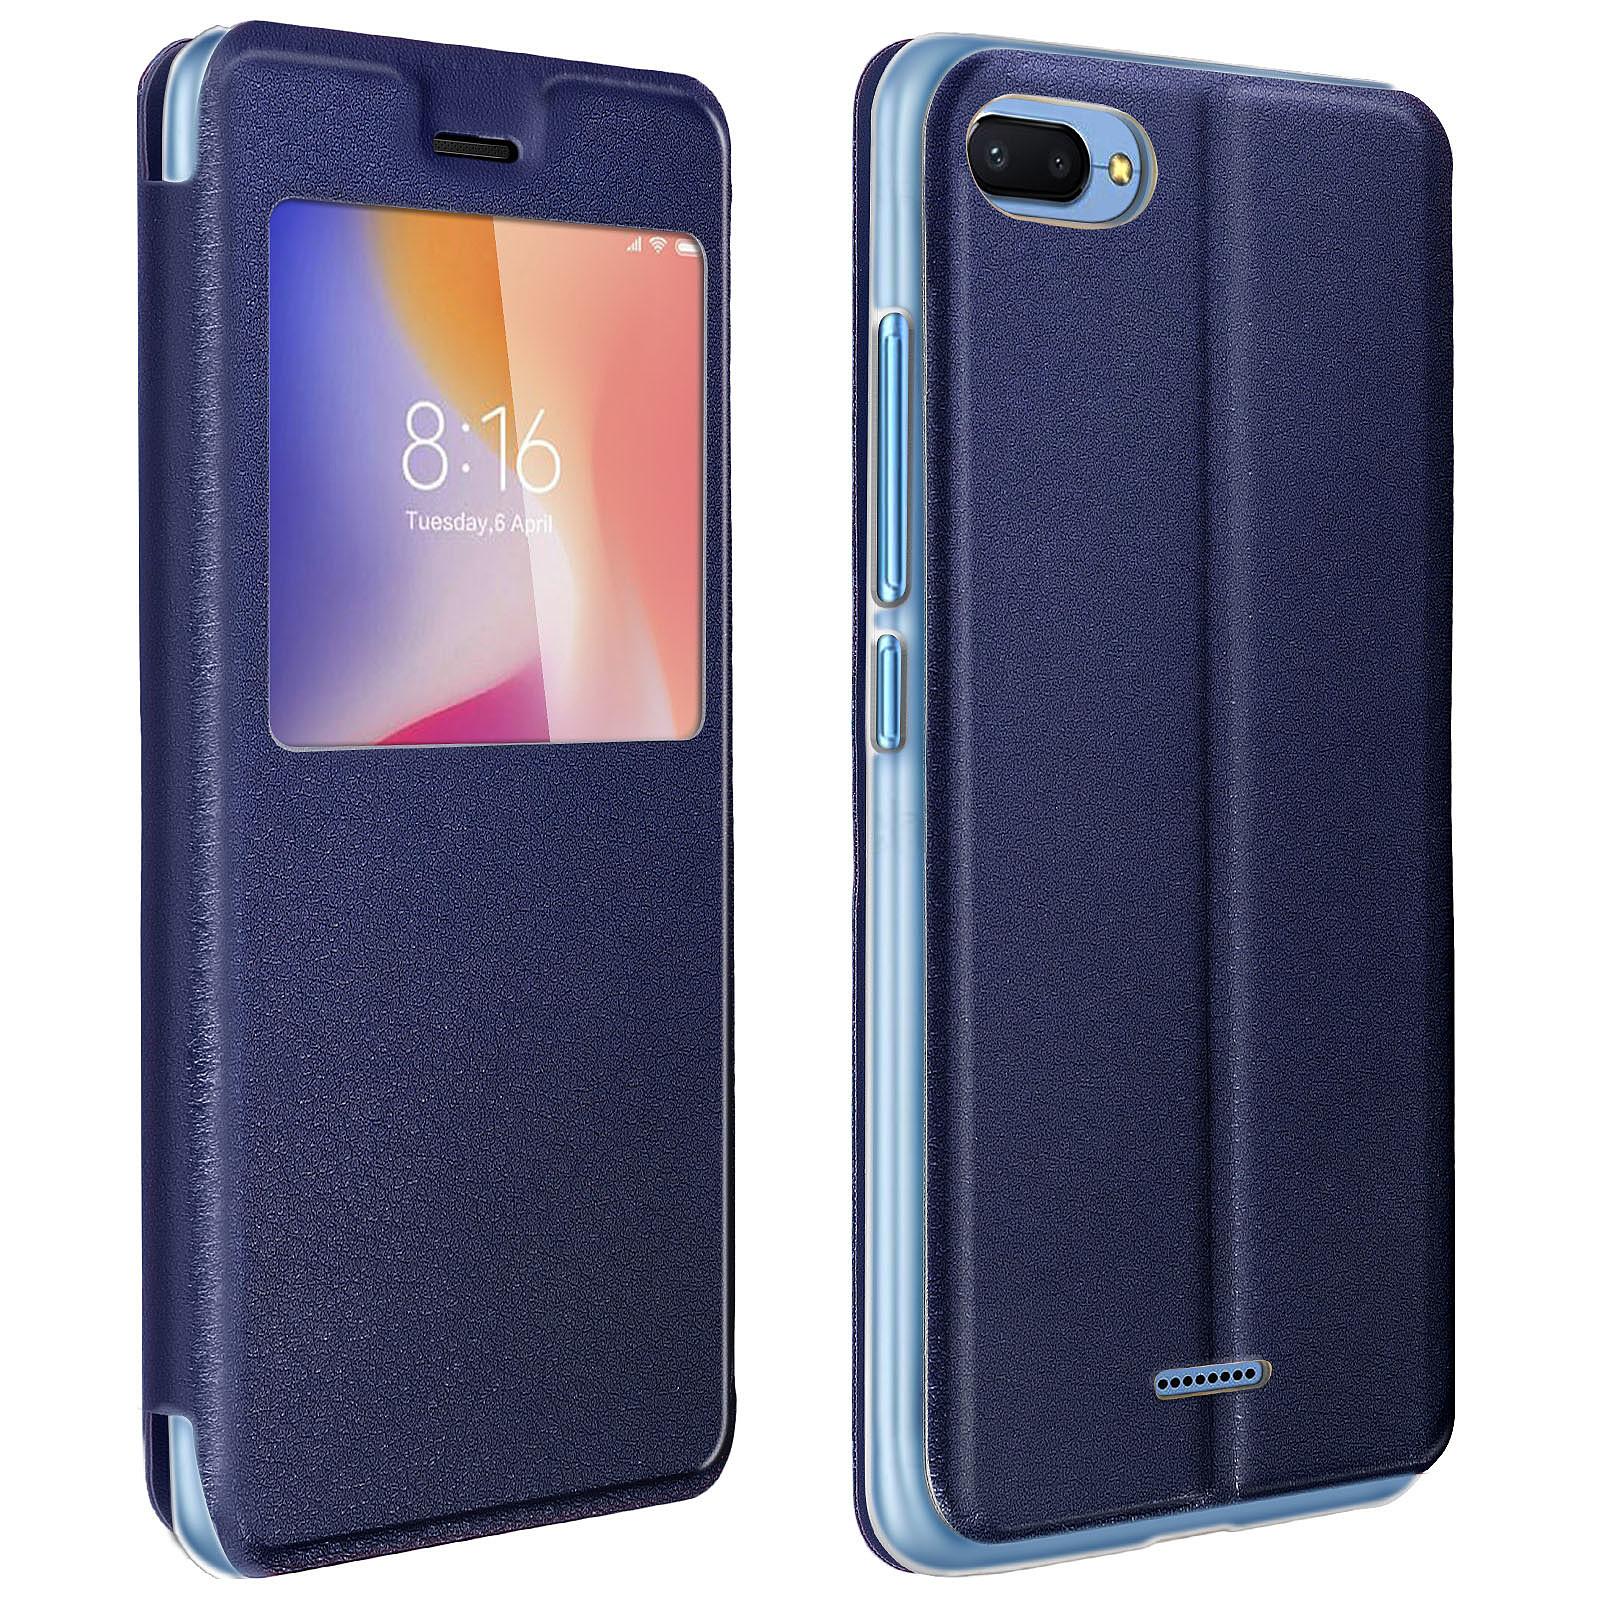 Avizar Etui folio Bleu Nuit pour Xiaomi Redmi 6A